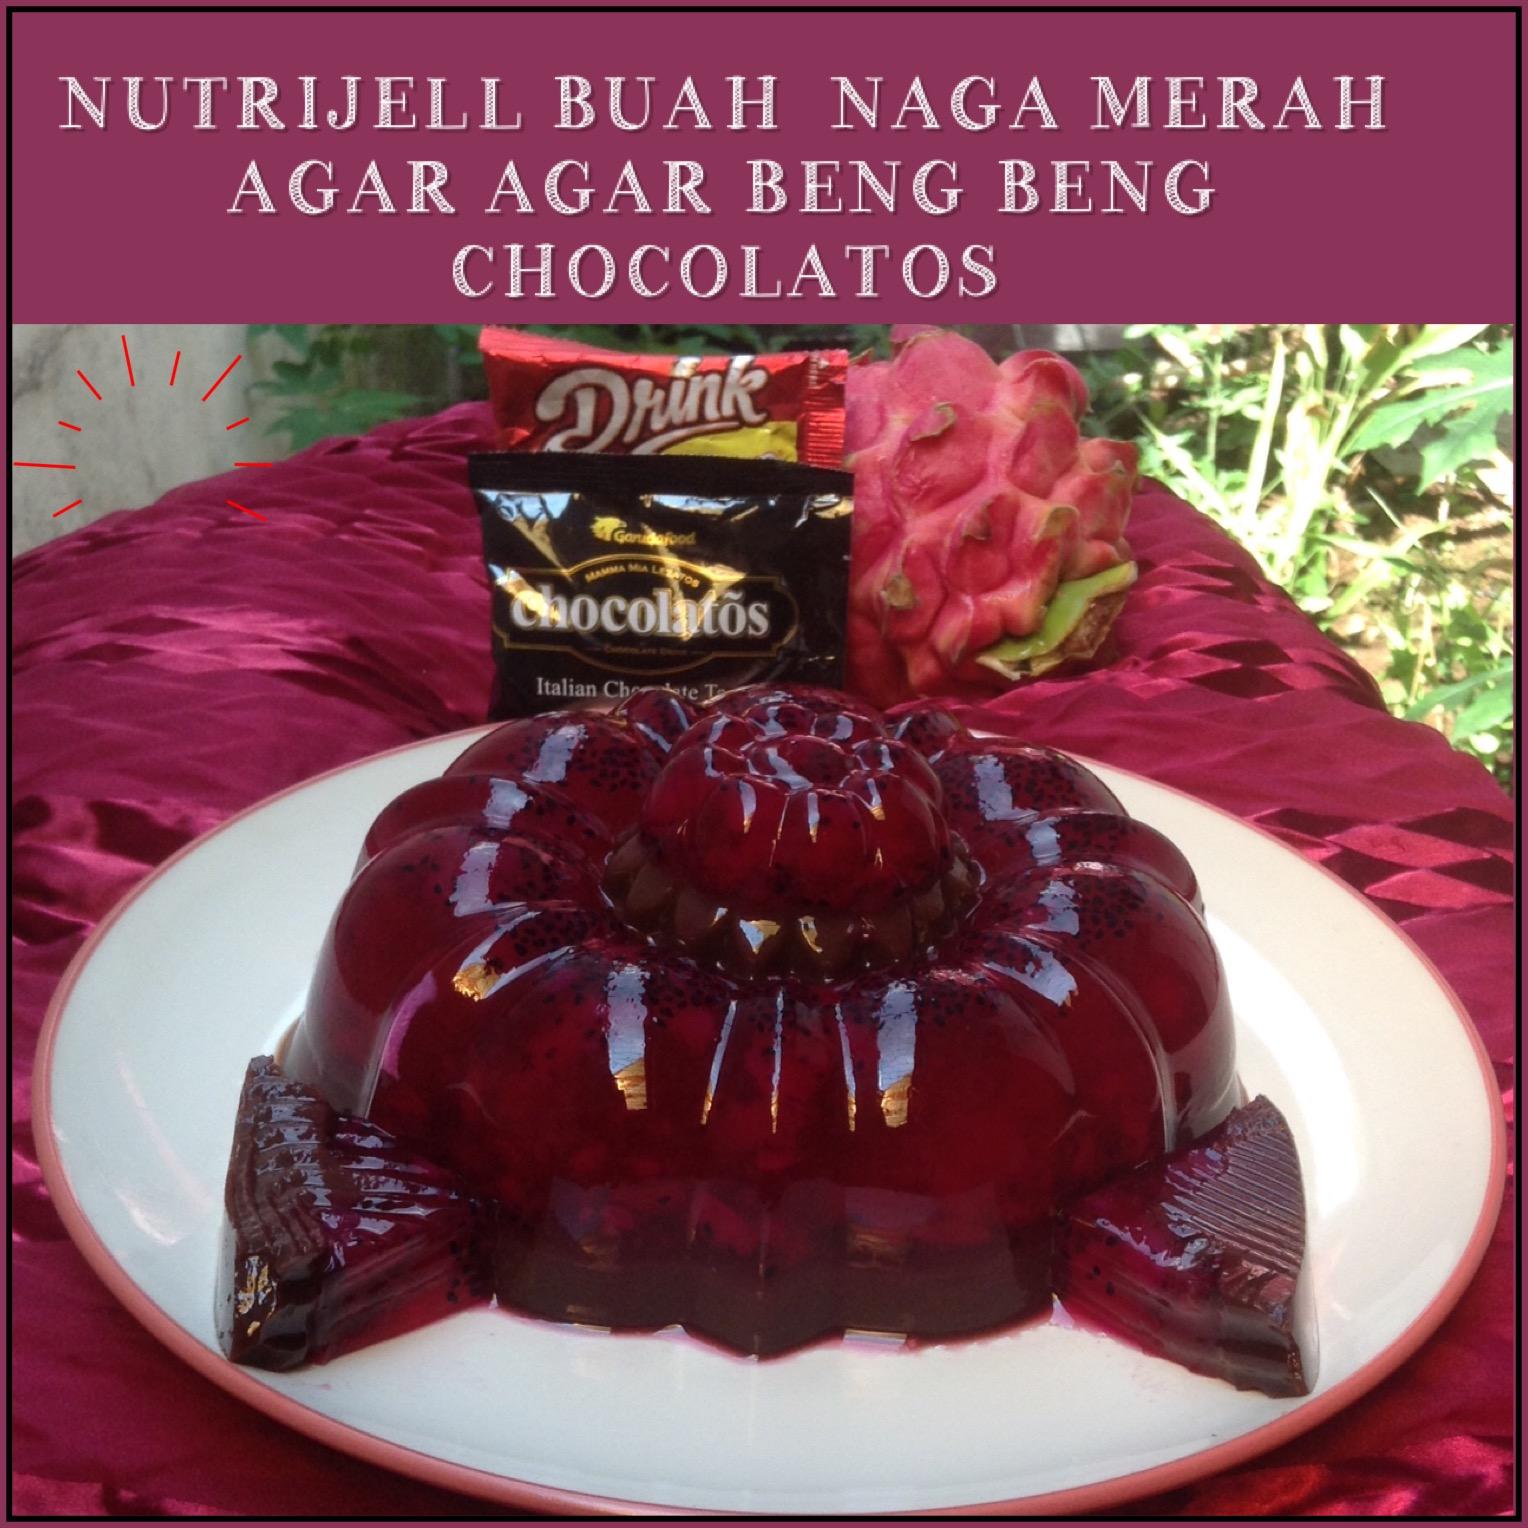 Resep Nutrijell Buah Naga Merah – Agar Agar Beng Beng Chocolatos